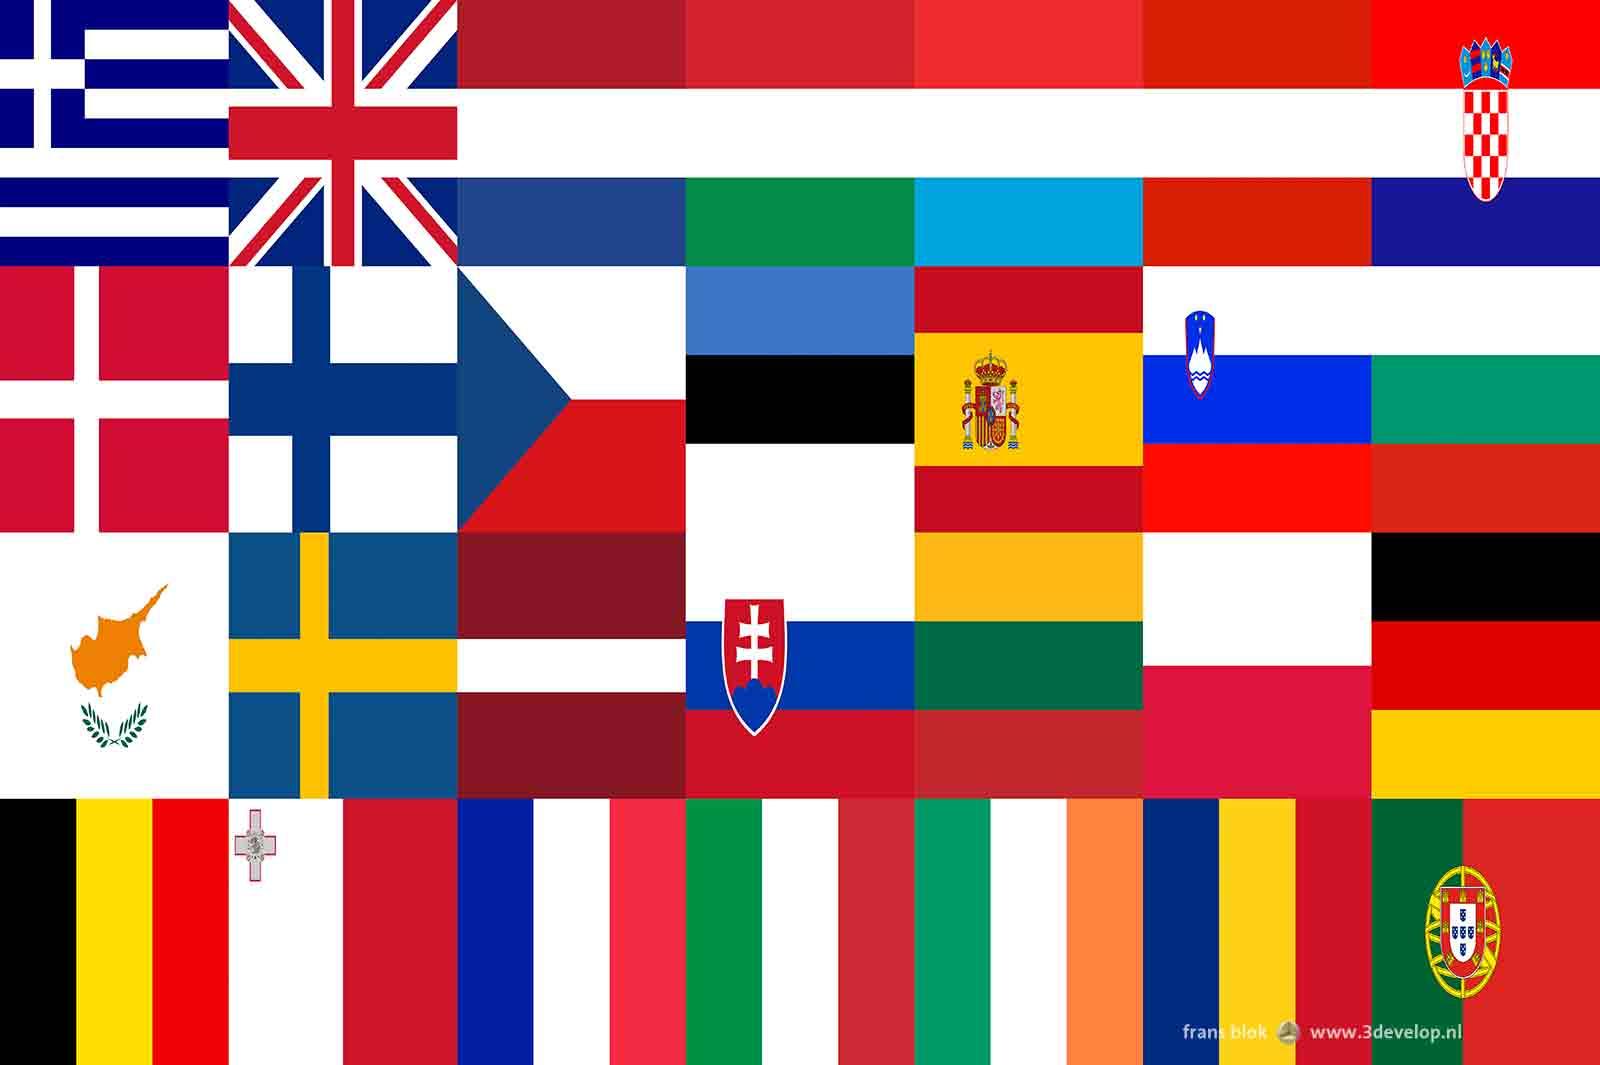 Compositie met de 28 vlaggen van de EU-lidstaten waarbij kleuren, vlakken en vormen in elkaar overlopen.